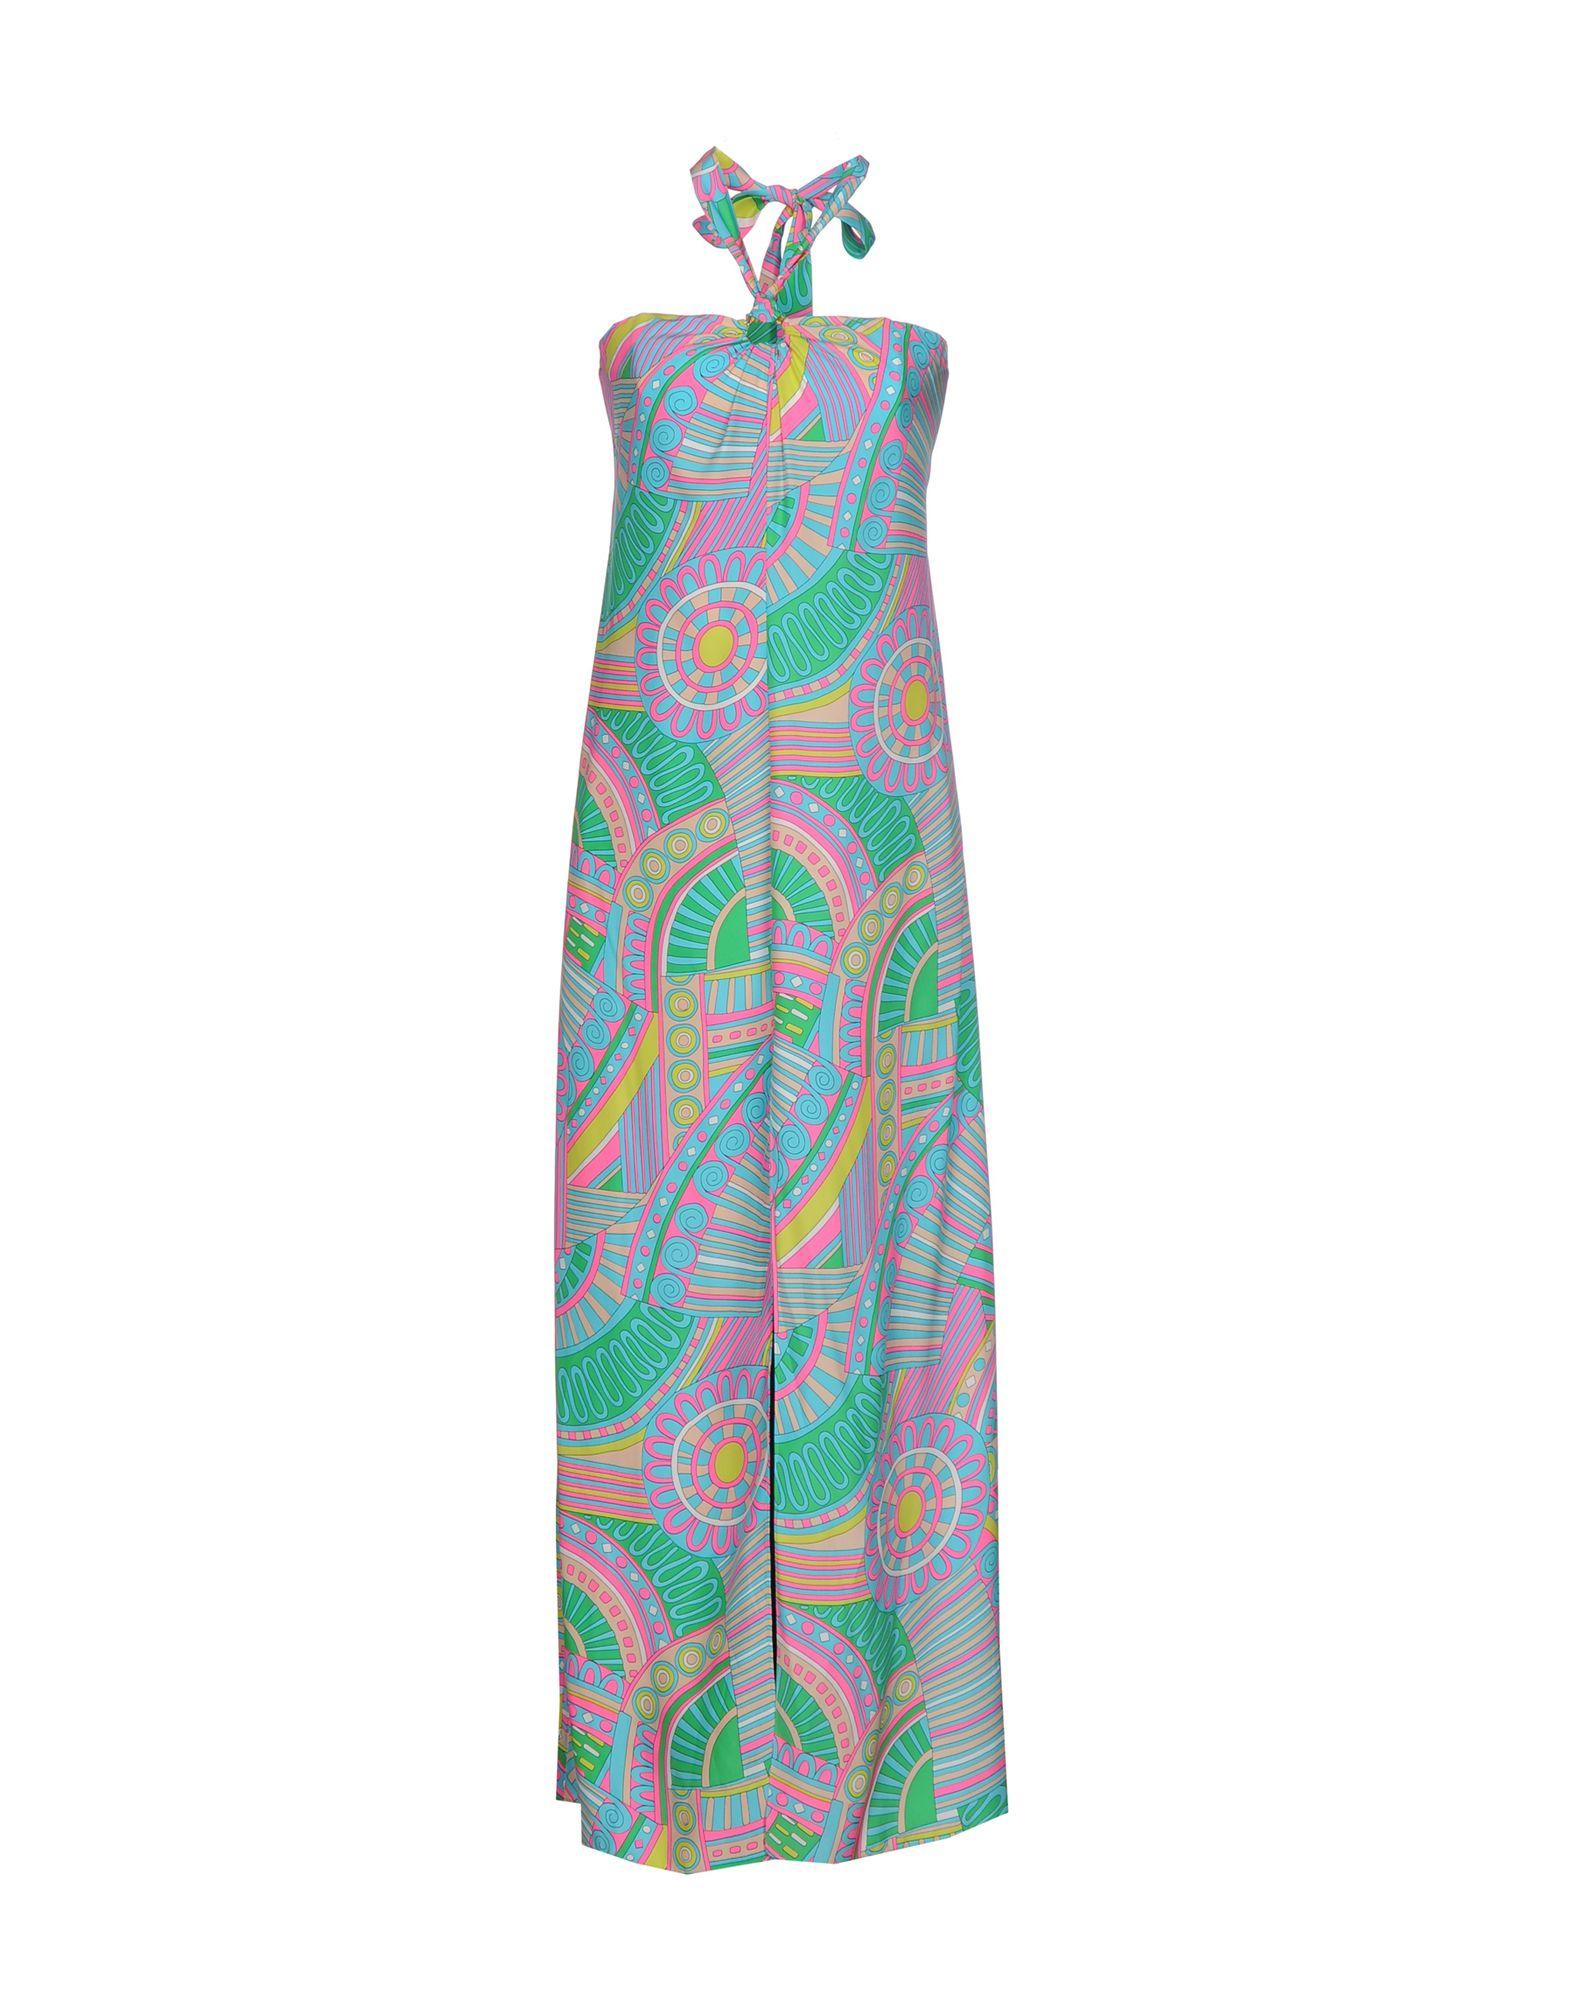 ALICE & TRIXIE Длинное платье платье короткое спереди длинное сзади летнее